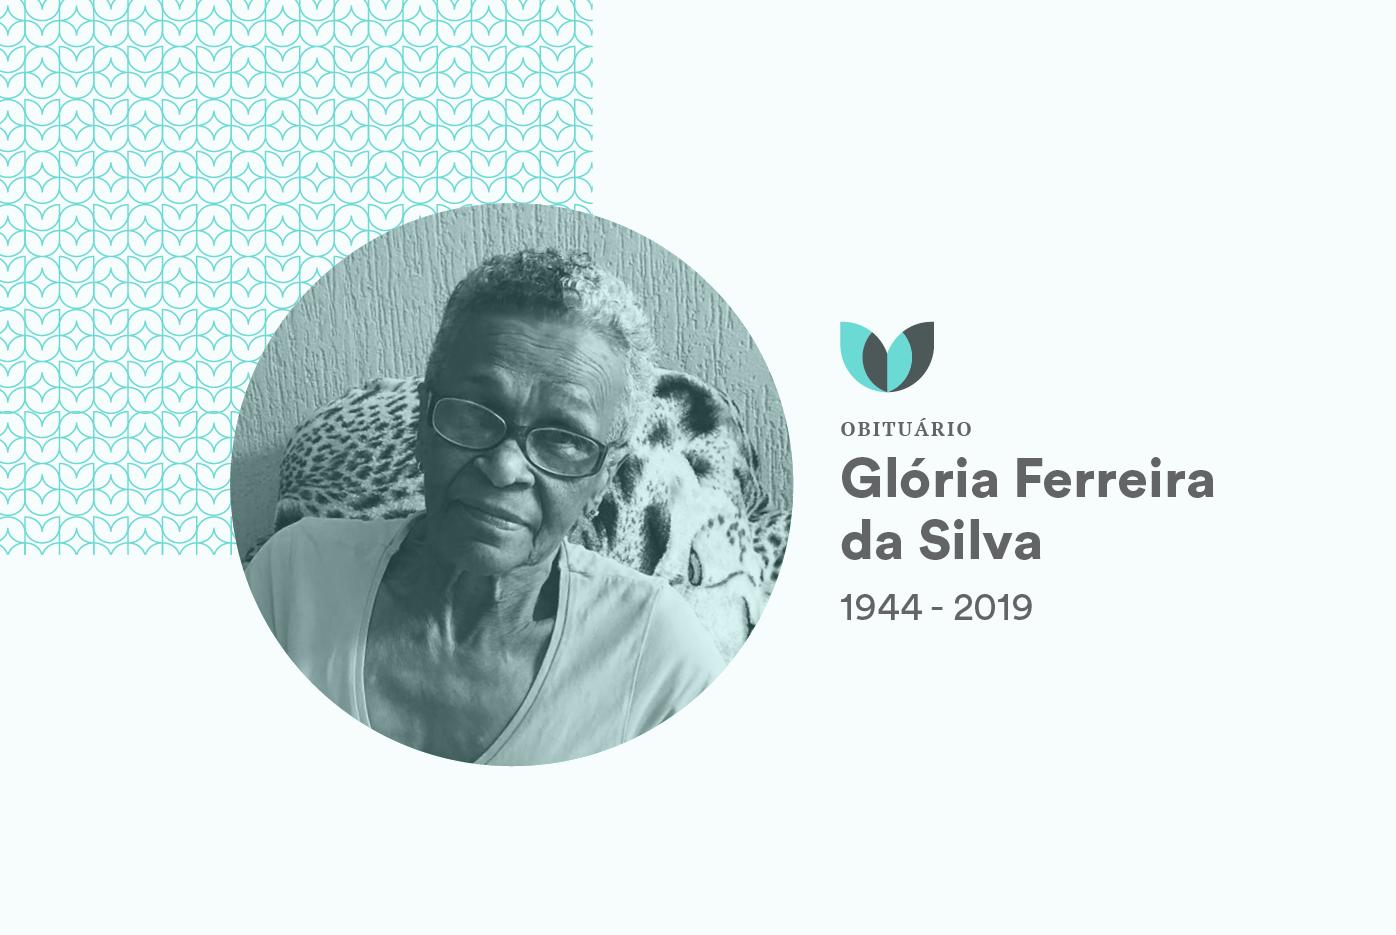 Obituario-Gloria-Squarespace.png